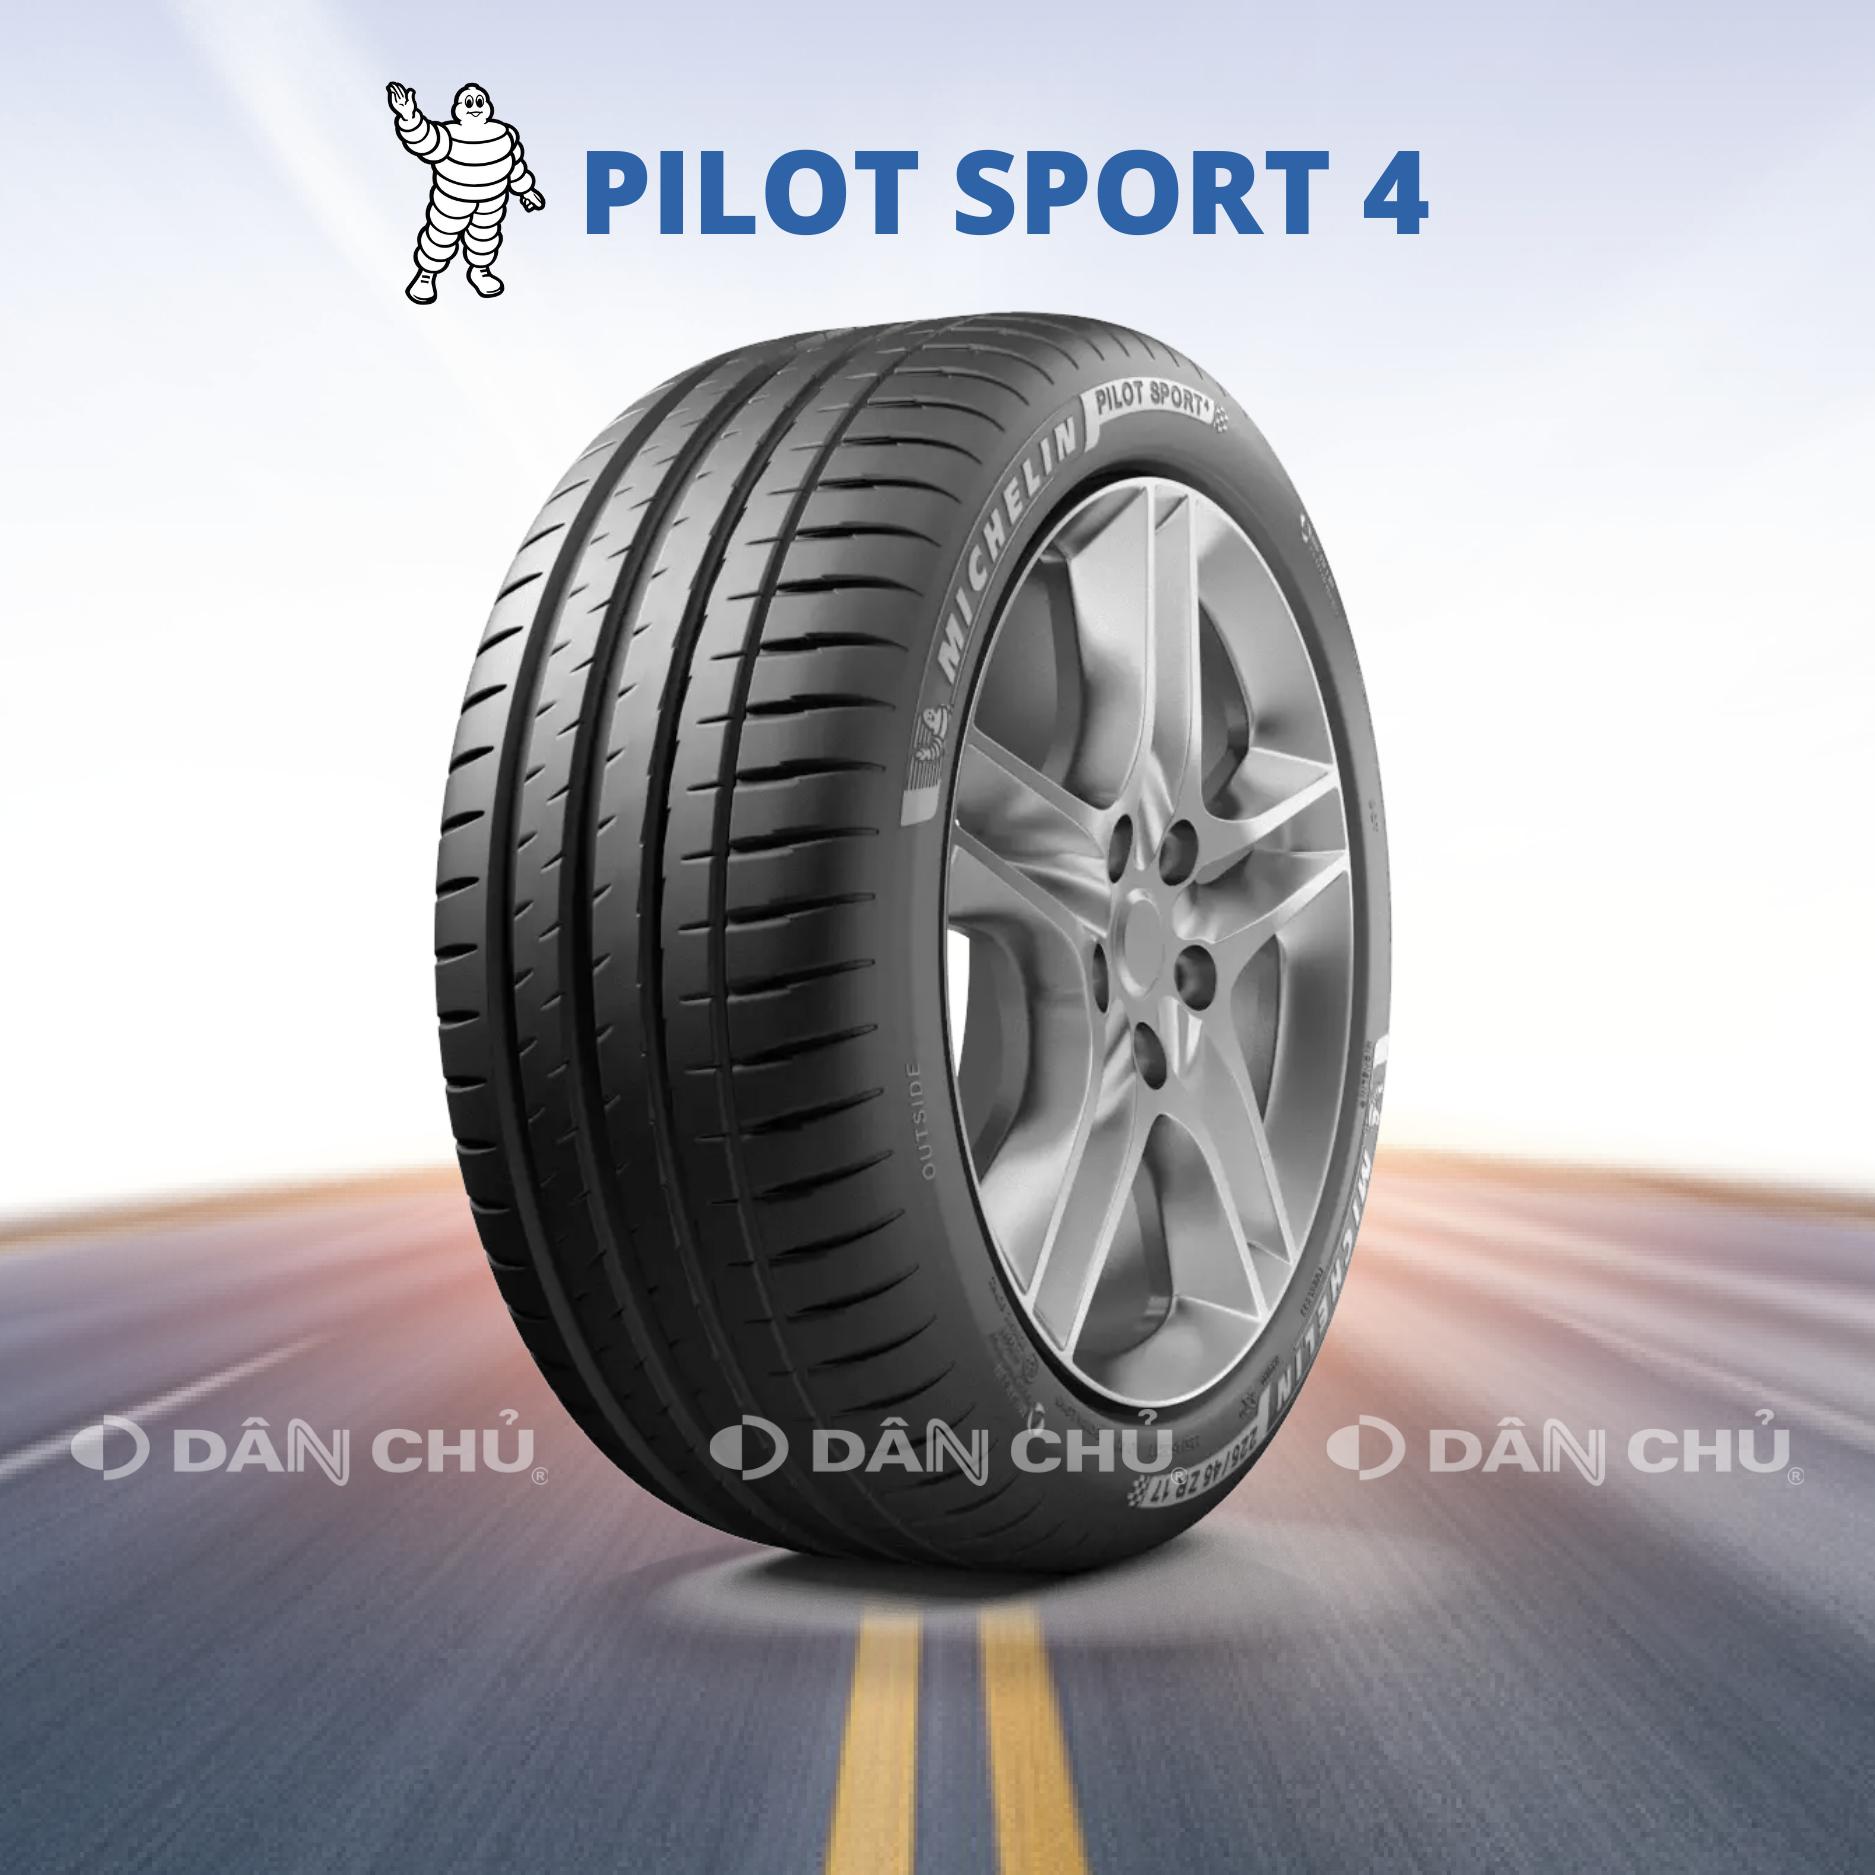 Lốp Michelin Pilot Sport 4 (Dòng thể thao, hiệu suất)